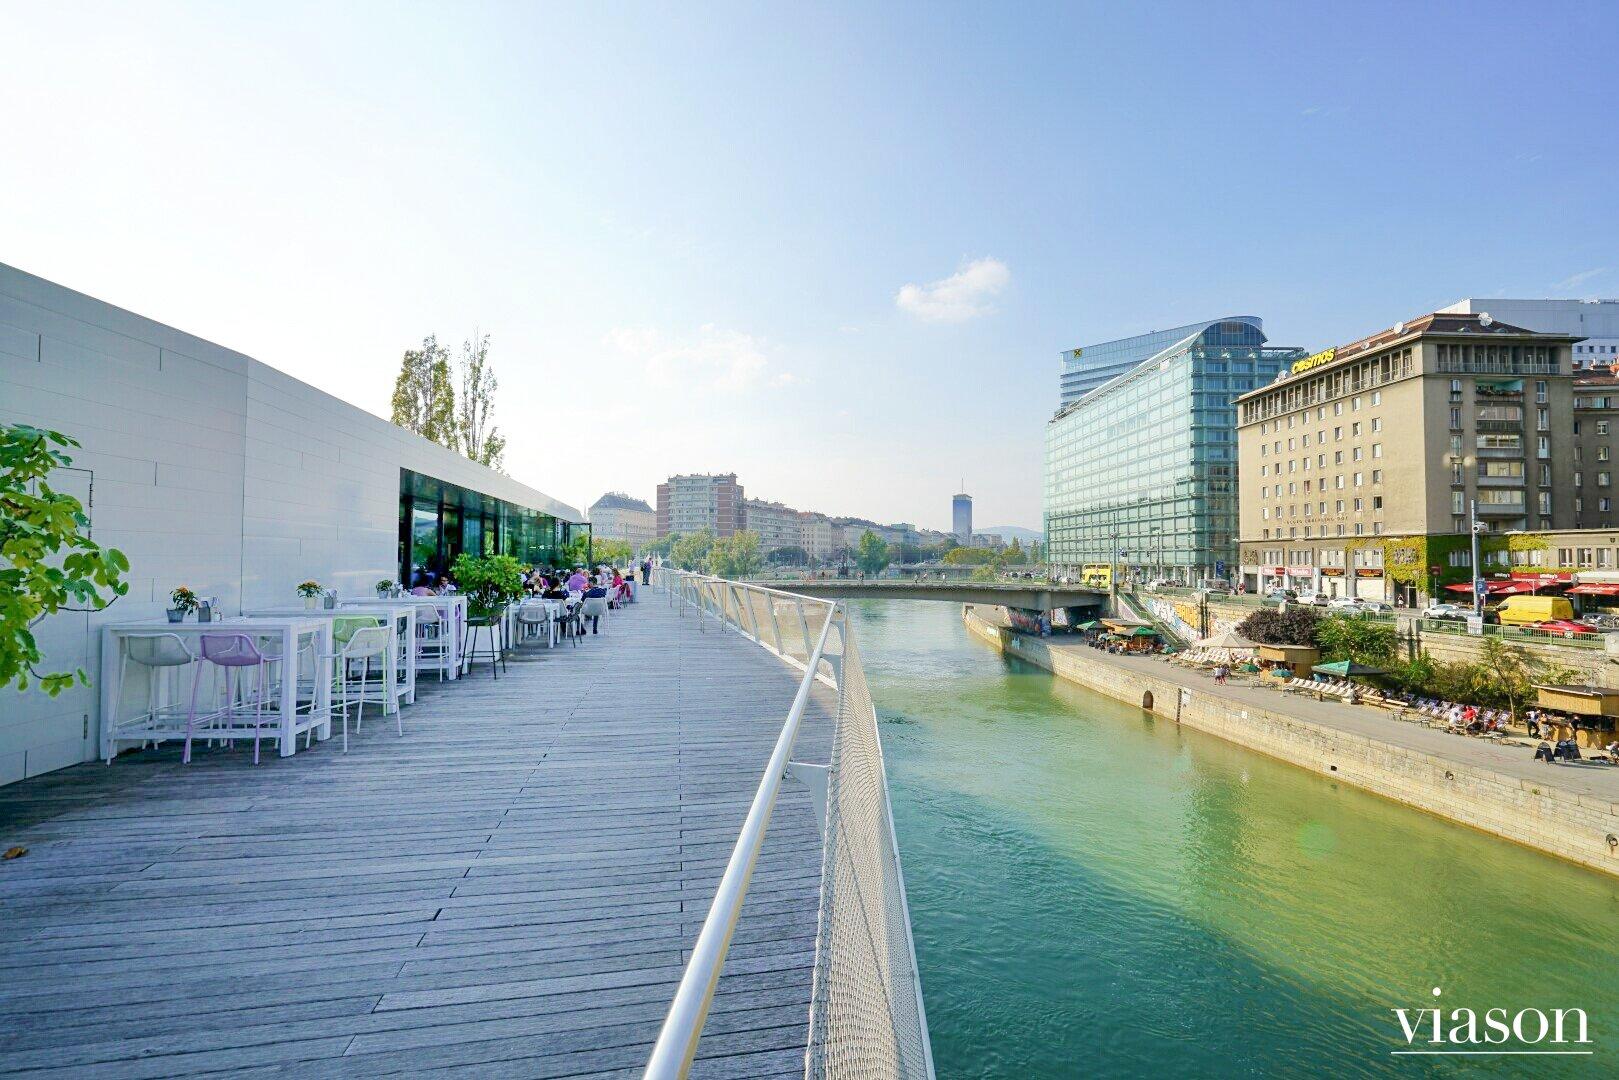 Motto am Fluss am Donaukanal